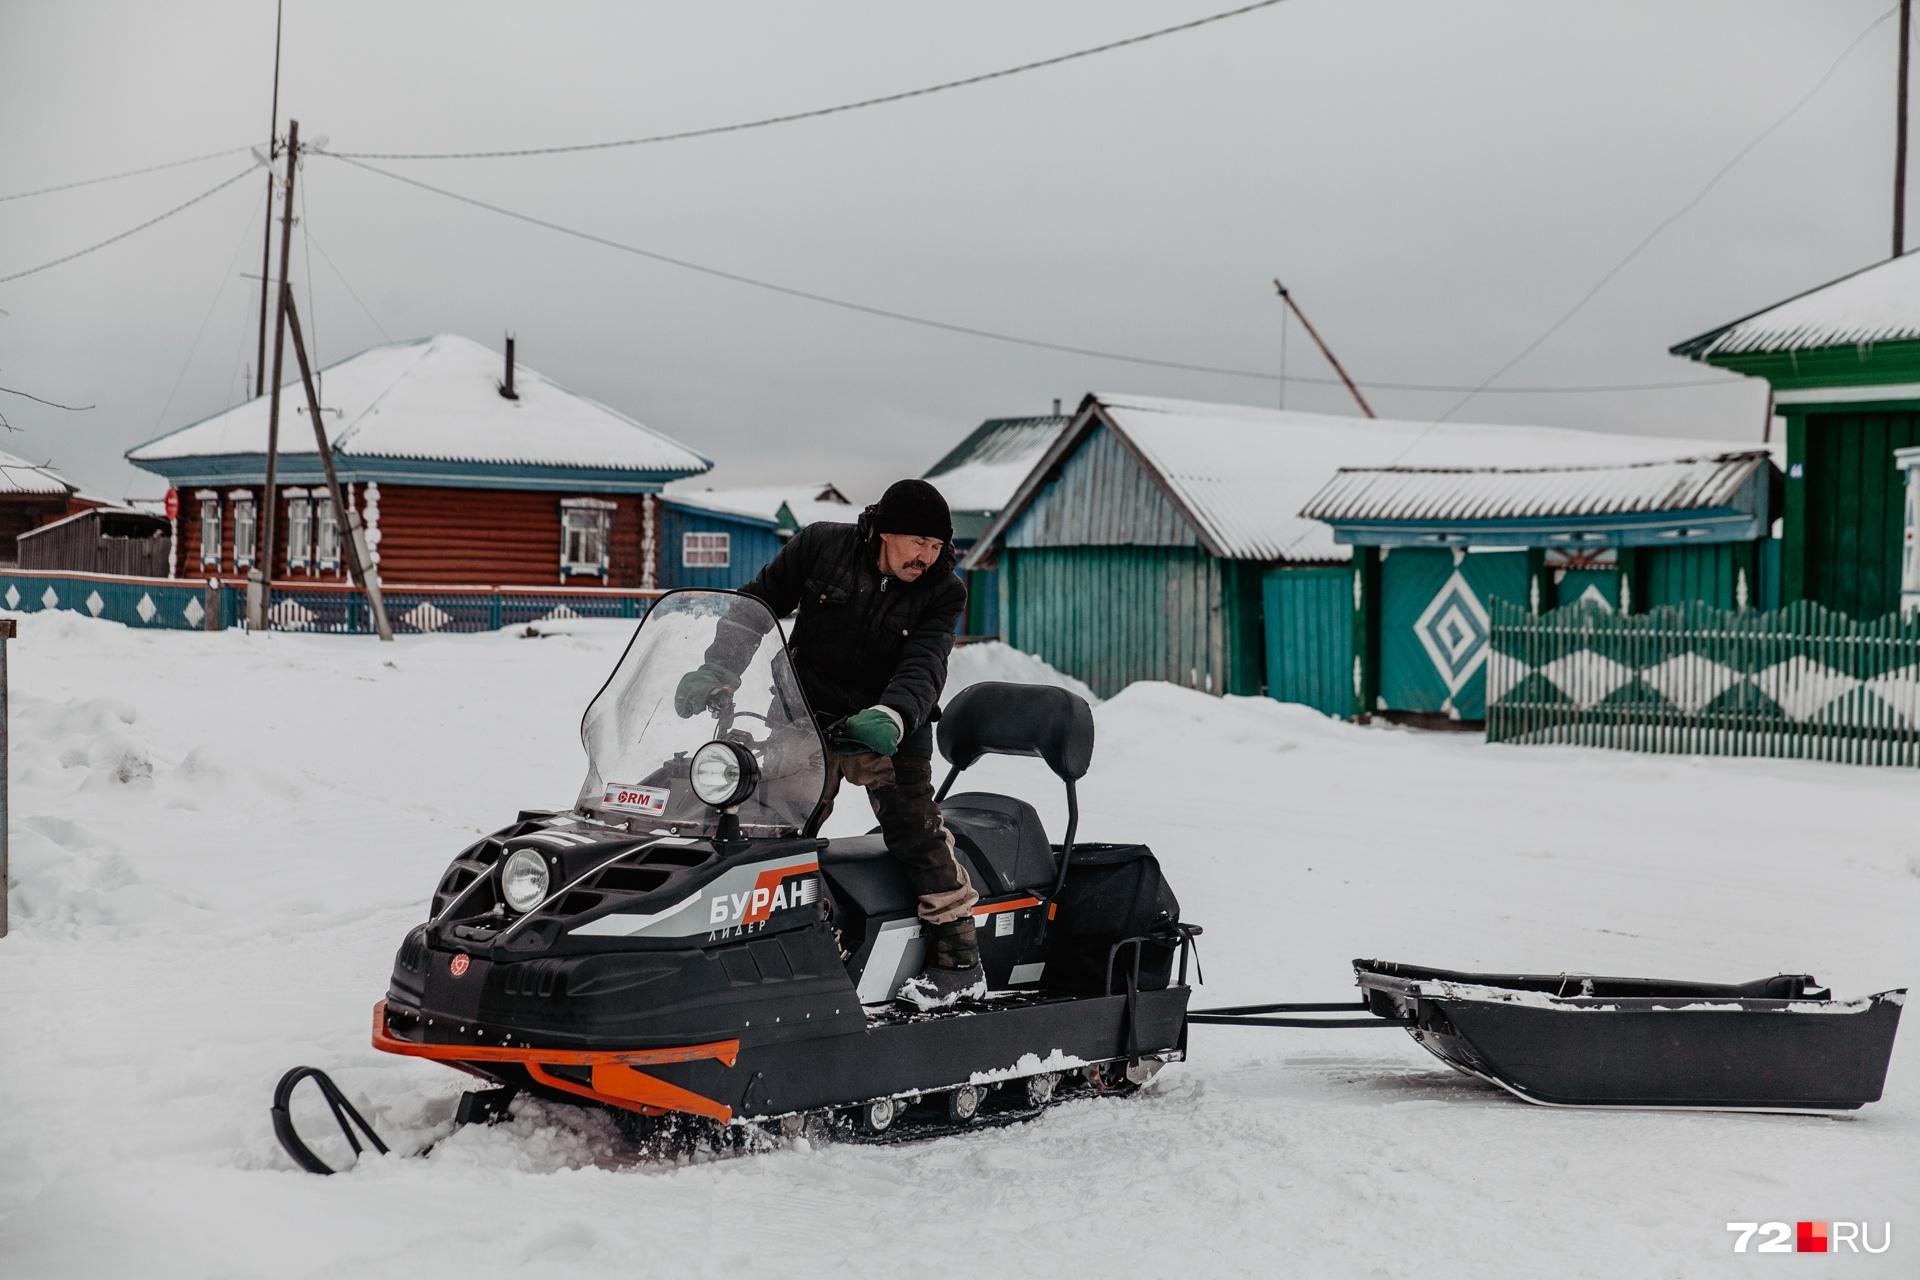 Рябиков ездит на тракторе и «Буране». Последний транспорт несколько лет назад ему подарил брат<br>